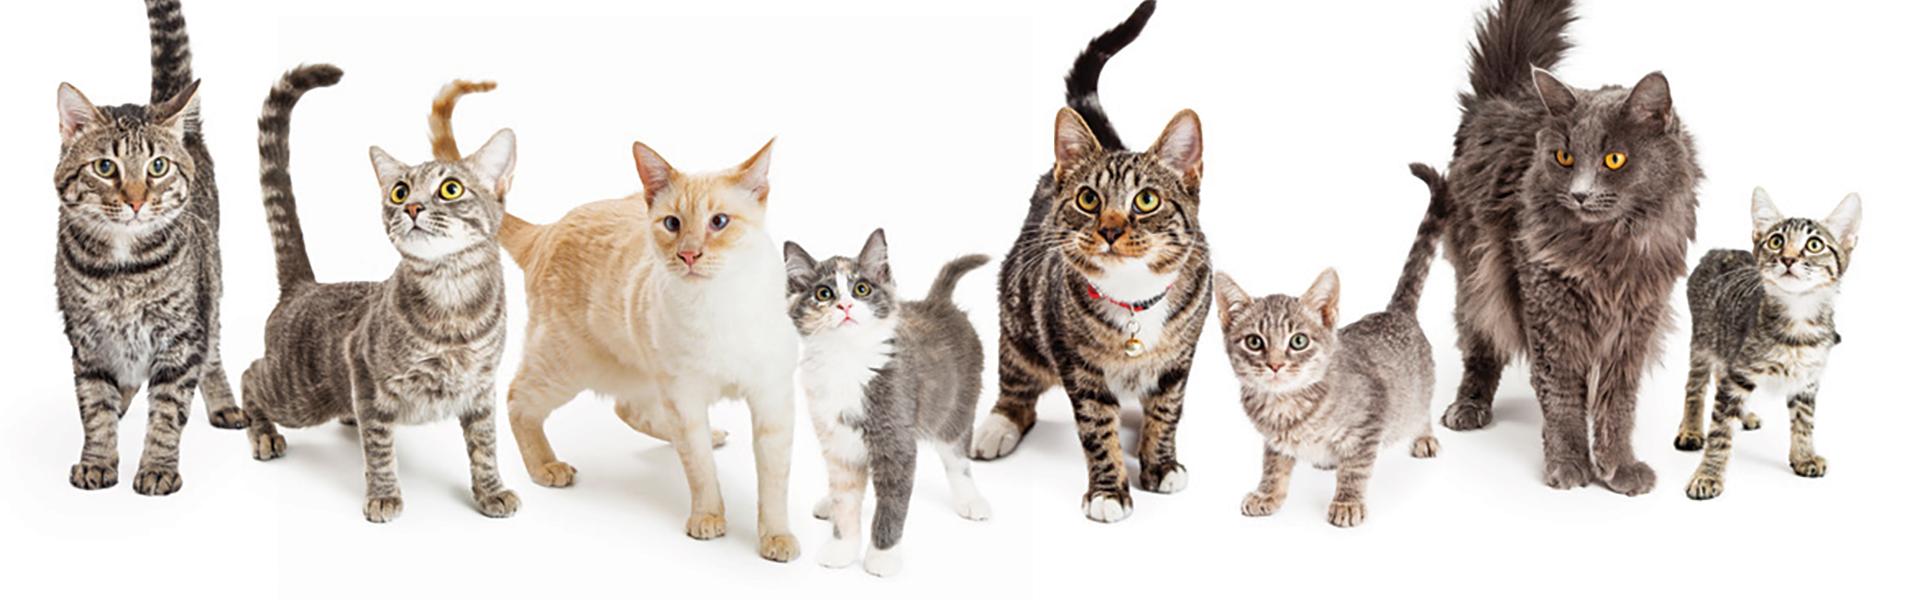 Cats-banner-1920x600px.jpg